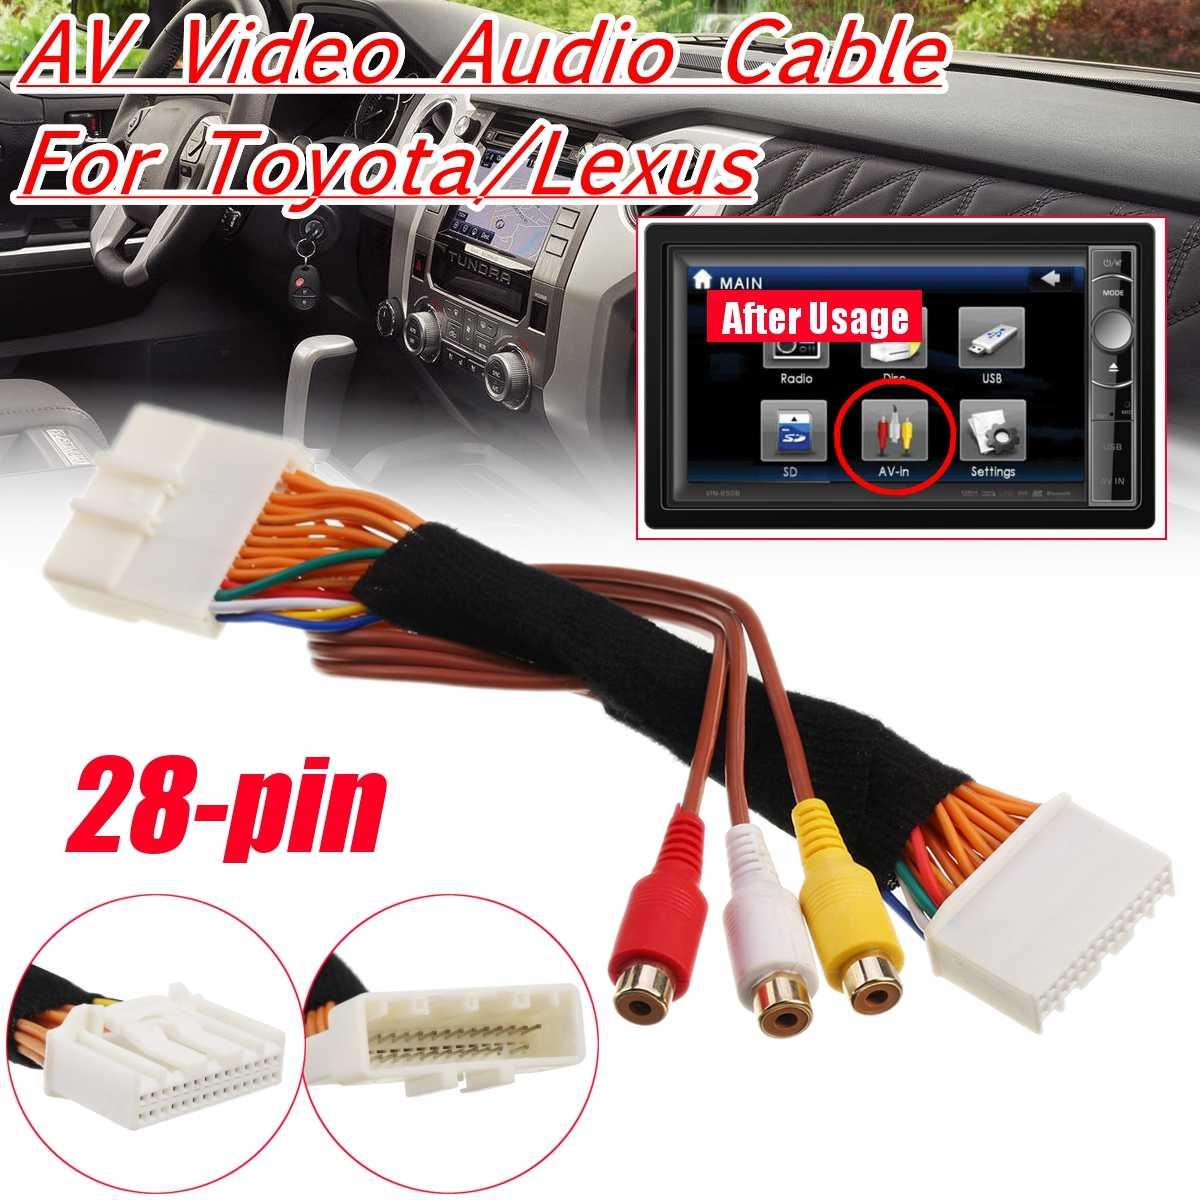 28 Pin AV видео аудио кабель для Toyota/Lexus Touch 2 и Entune OEM мониторы головных устройств для Renault & Dacia для Opel для Vauxhall